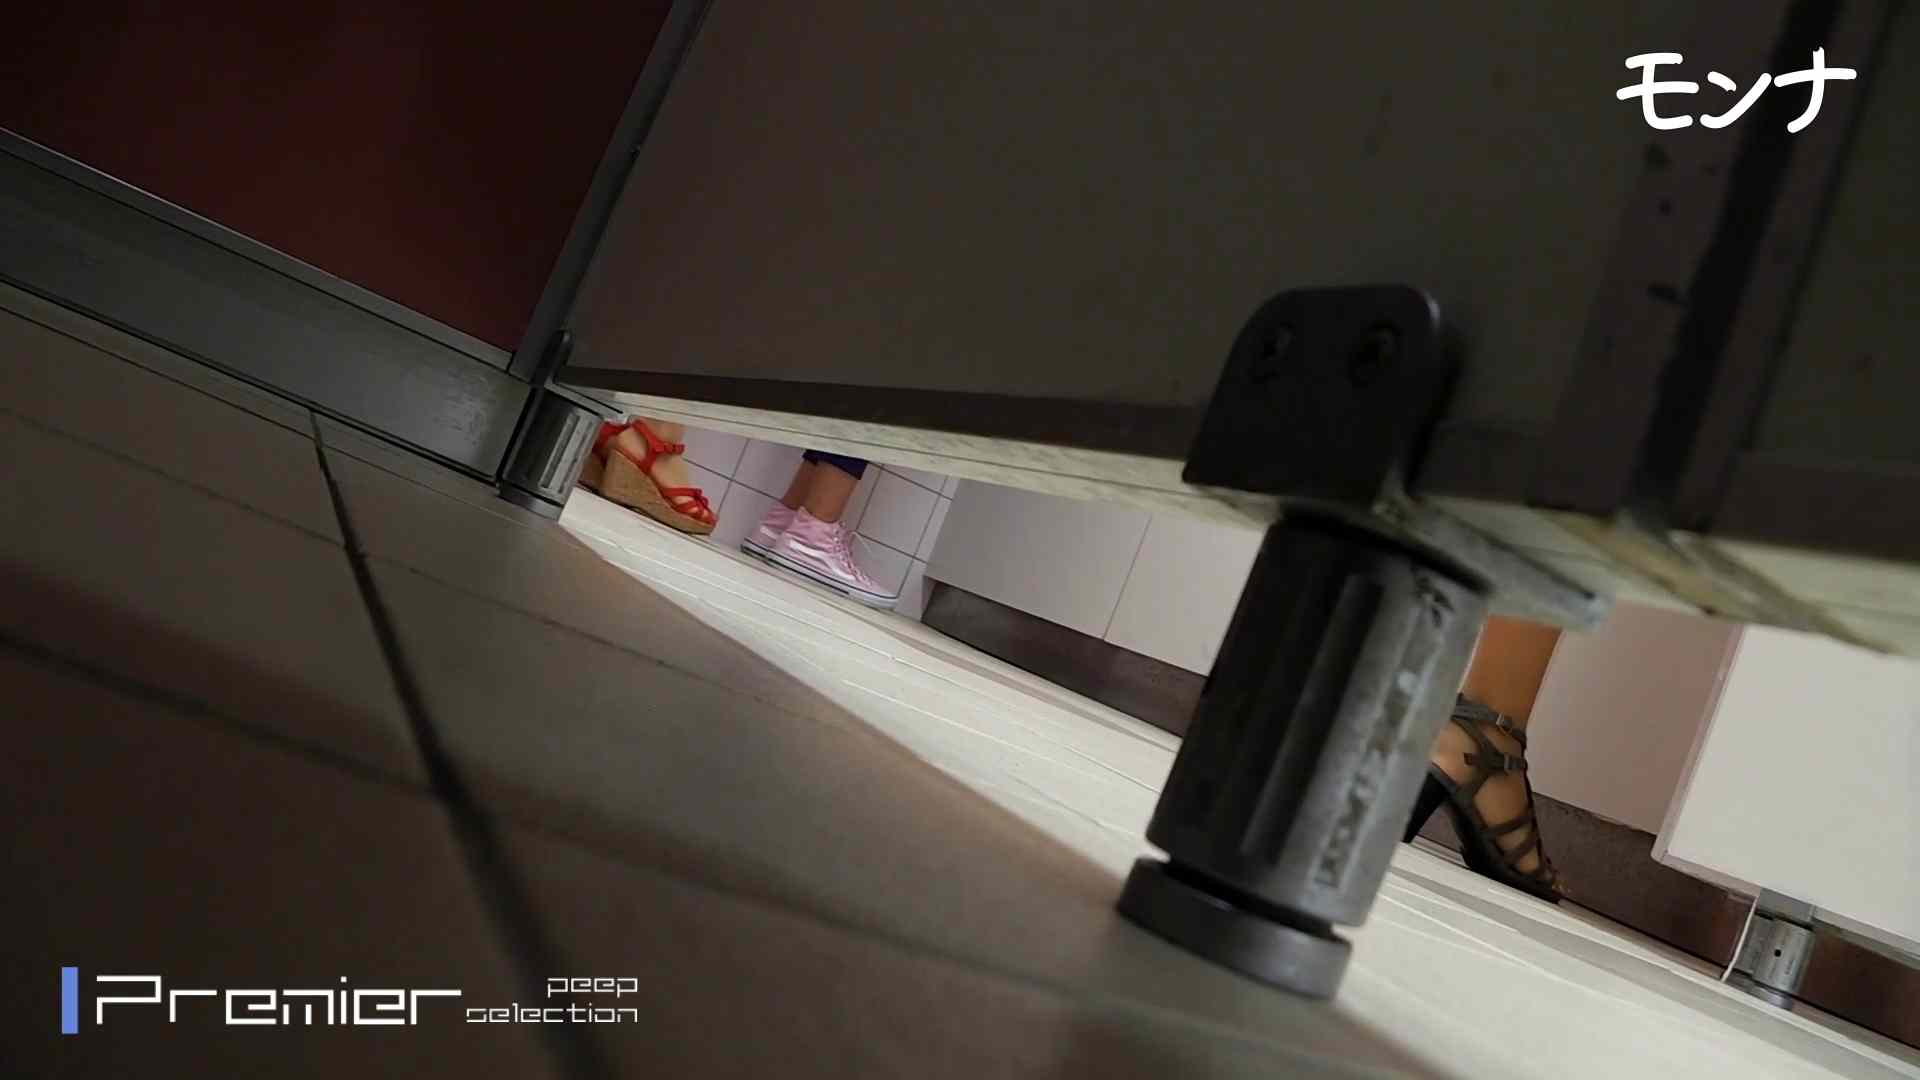 美しい日本の未来 No.88 セクシーな赤パンプスにズームイン! 高画質 エロ画像 90枚 53